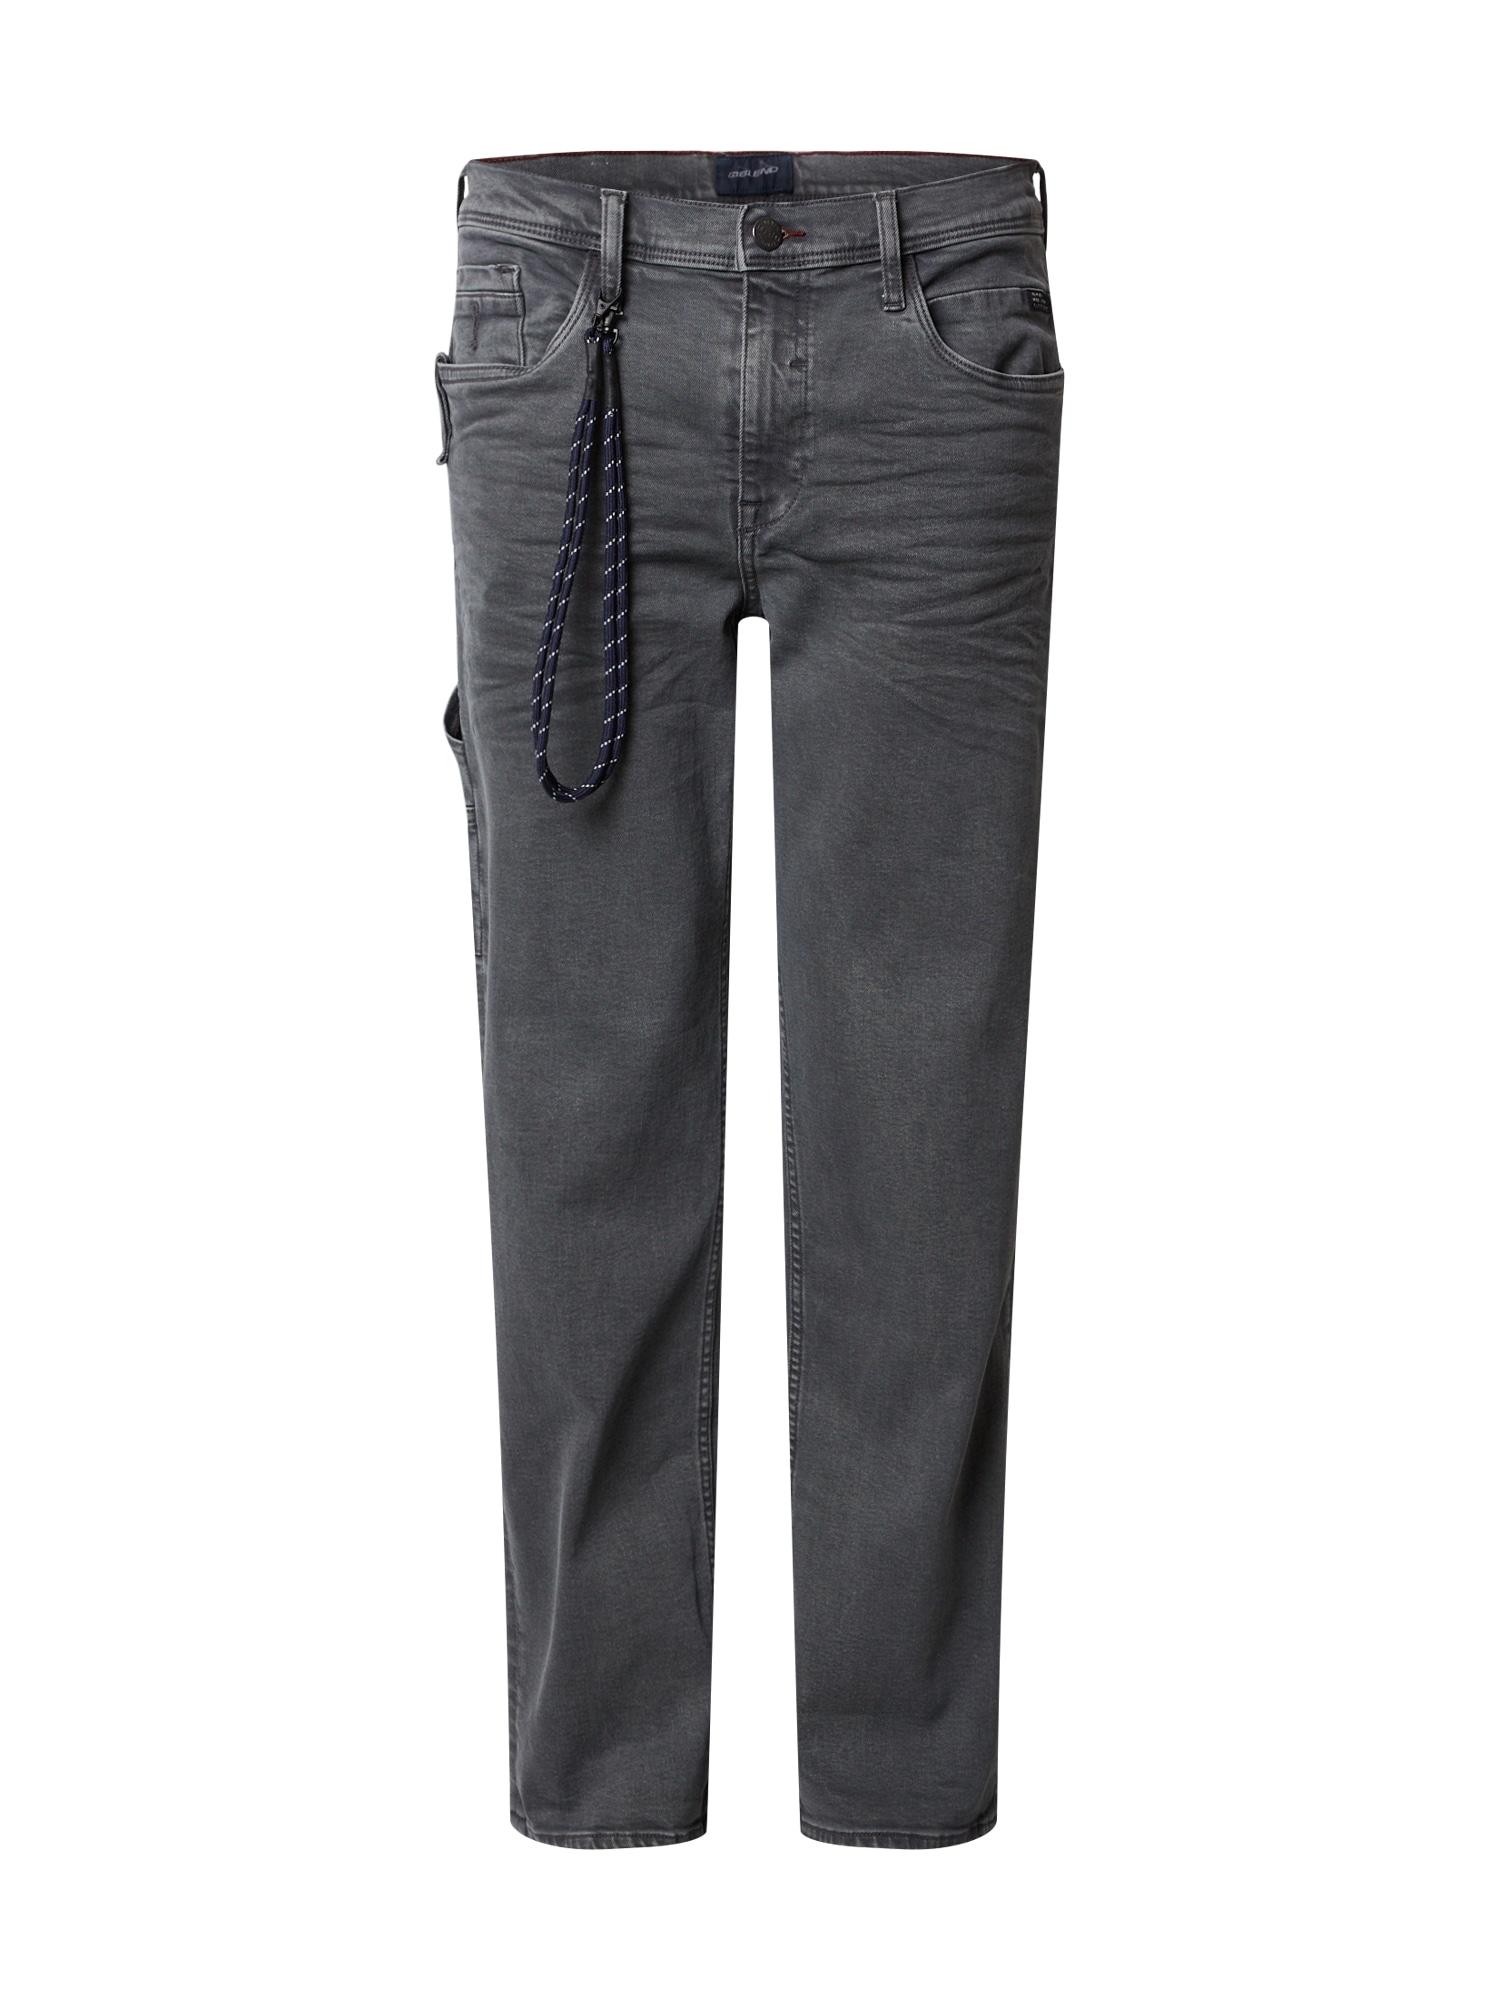 BLEND Darbinio stiliaus džinsai tamsiai pilka